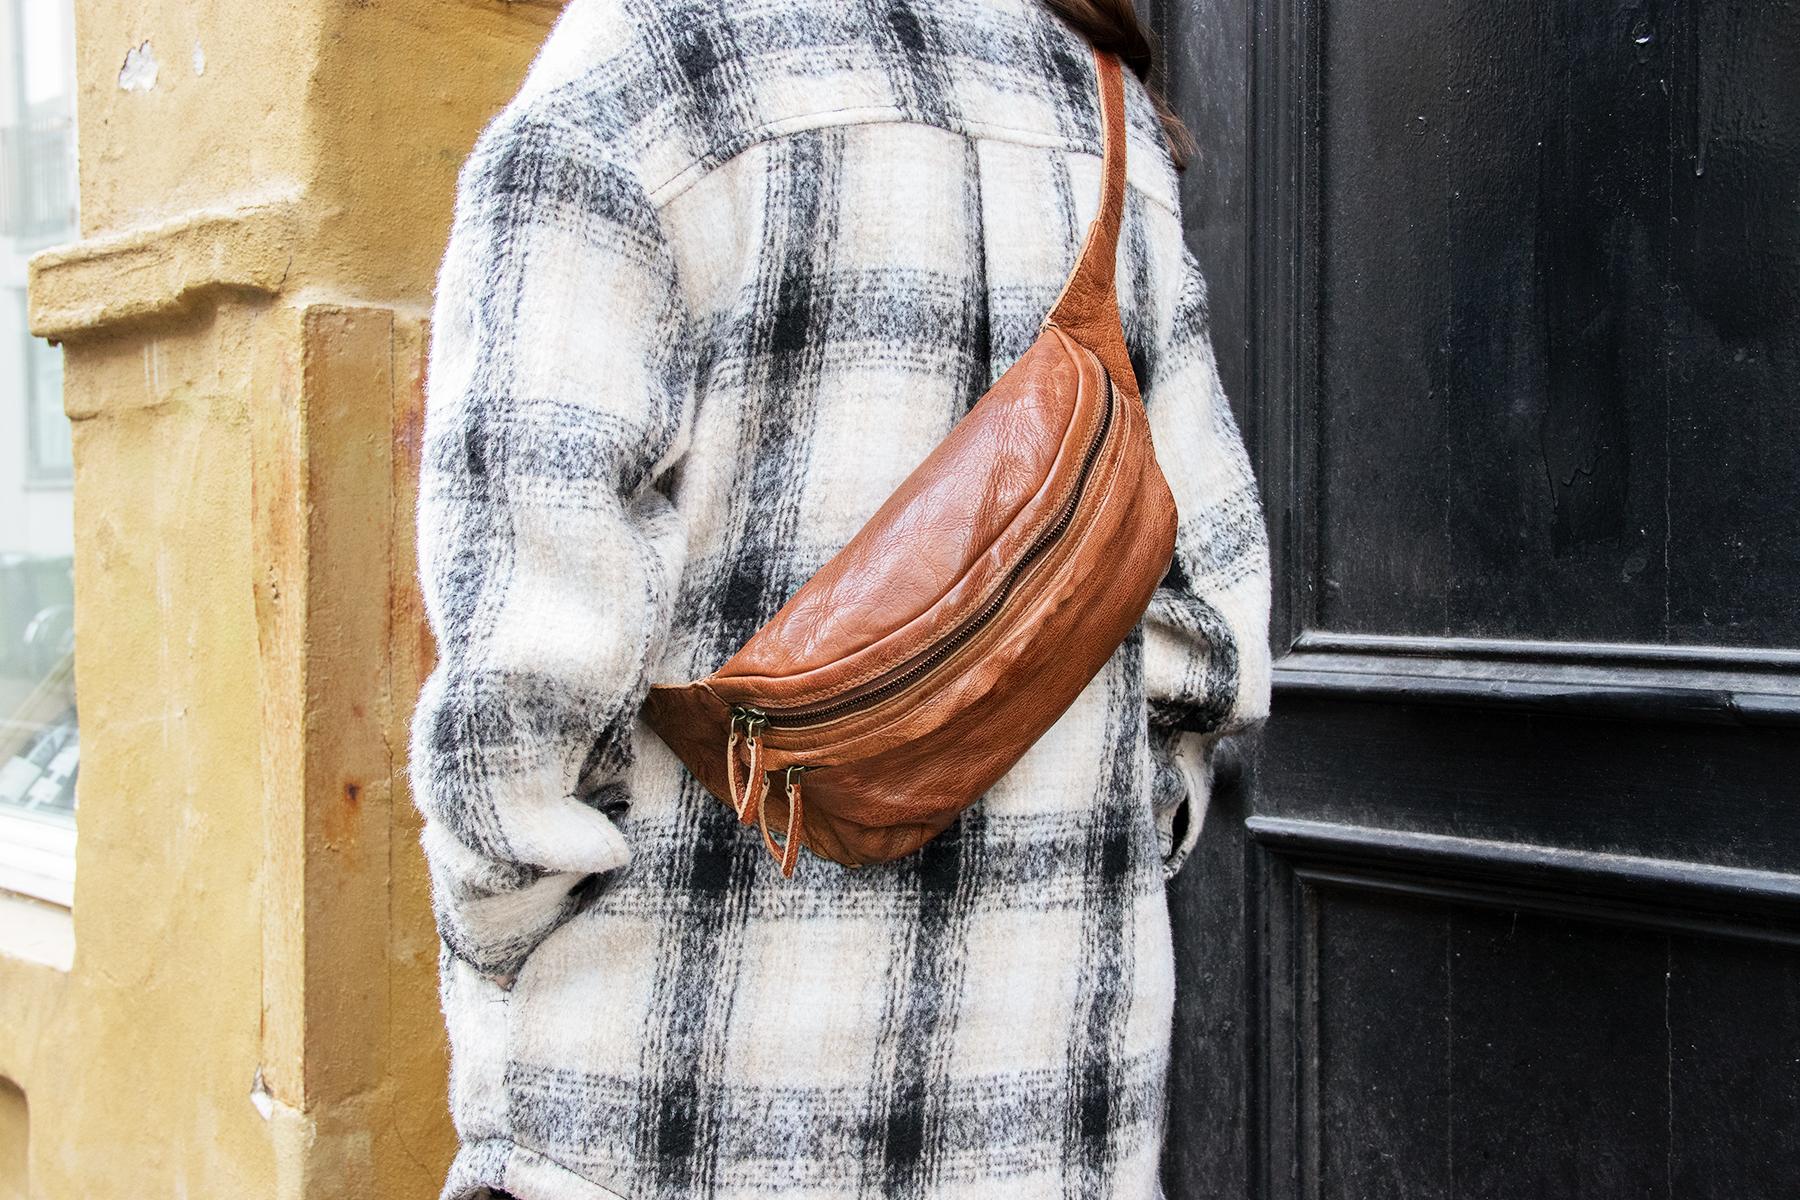 Flot enkelt praktisk skuldertaske bæltetaske bumbag i dansk design bæltetaske i ægte læder vintage udtryk hverdagstaske til mænd og kvinder